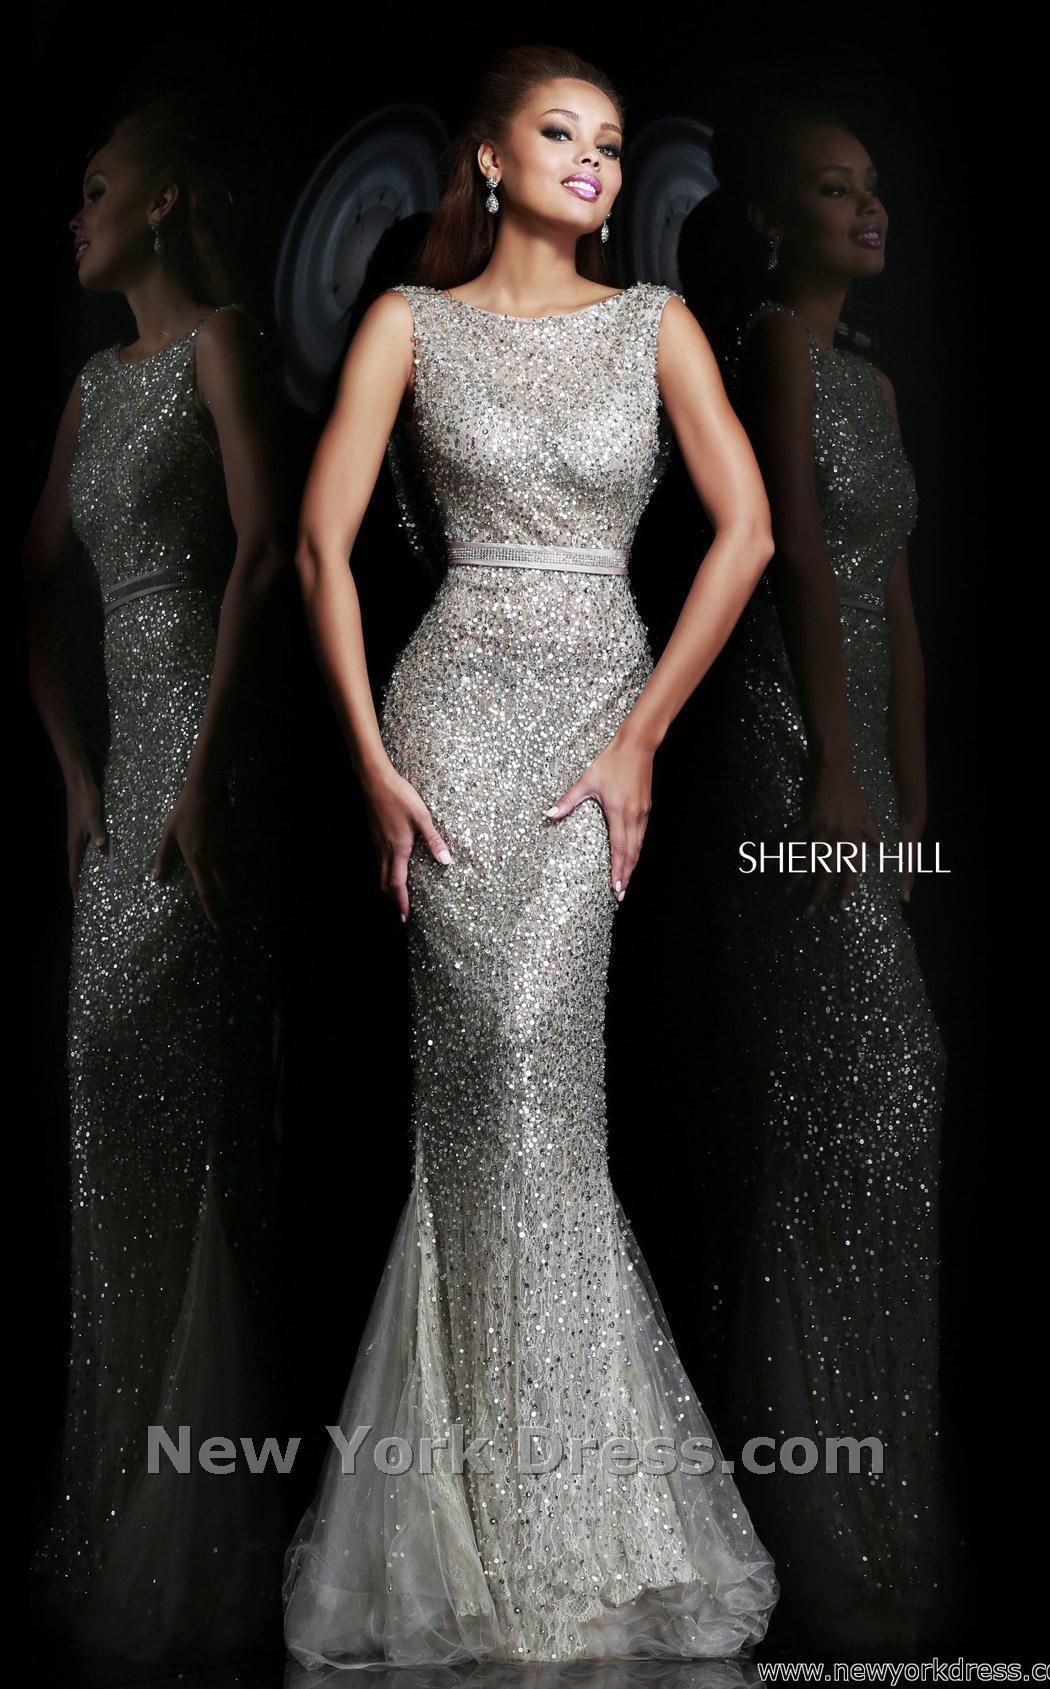 Sherri hill 4802 dress